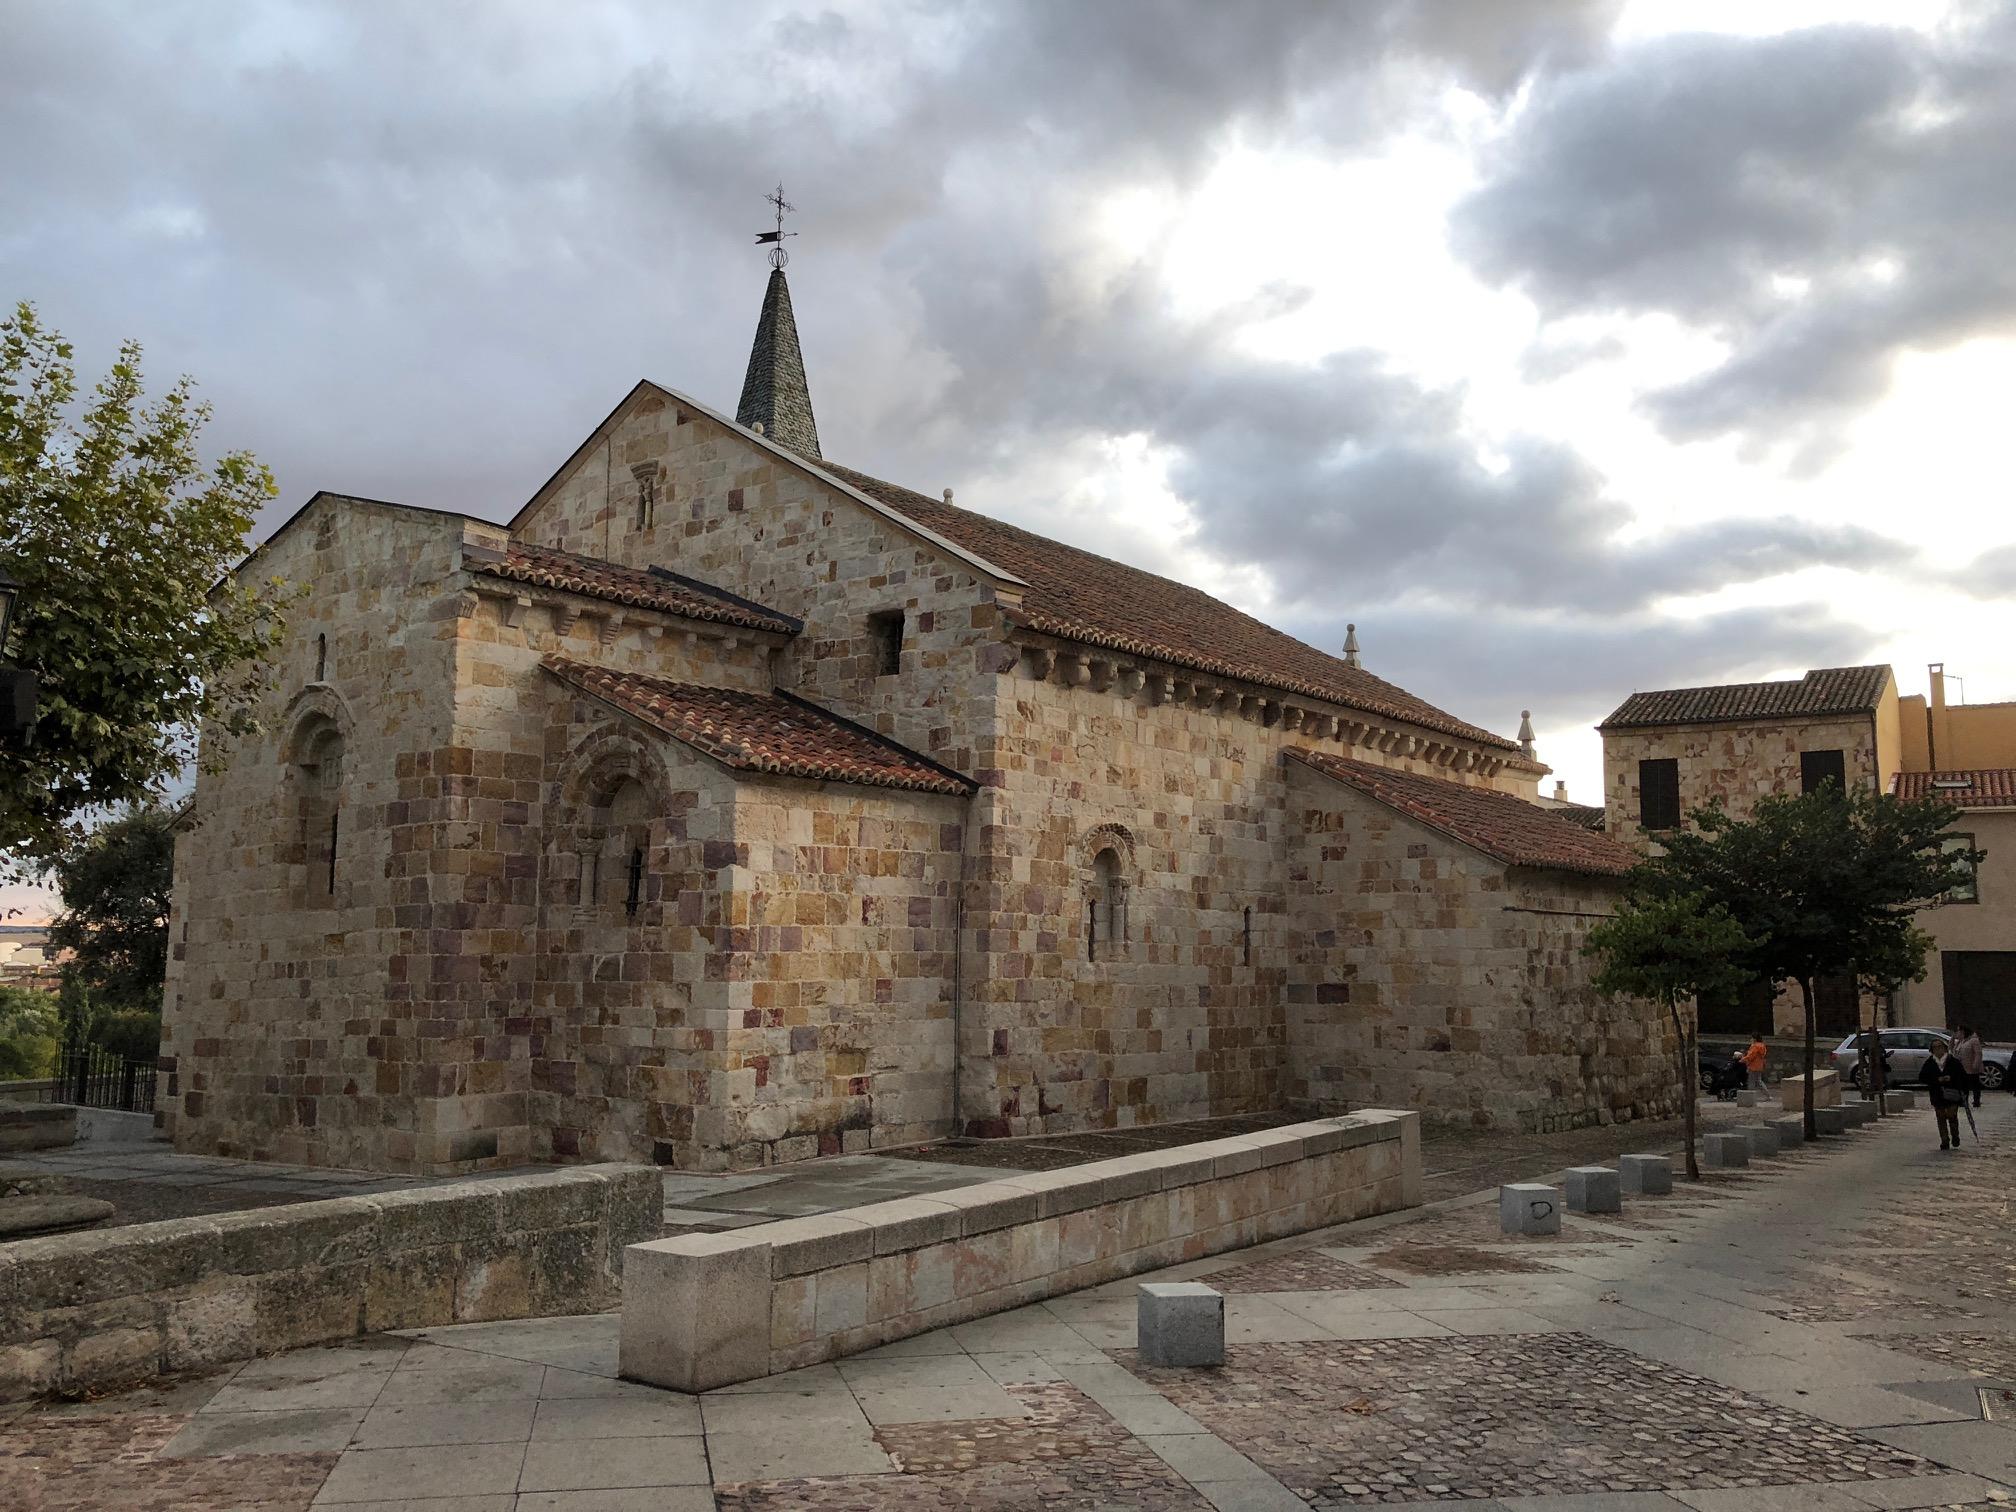 The Romanesque Church of San Cipriano